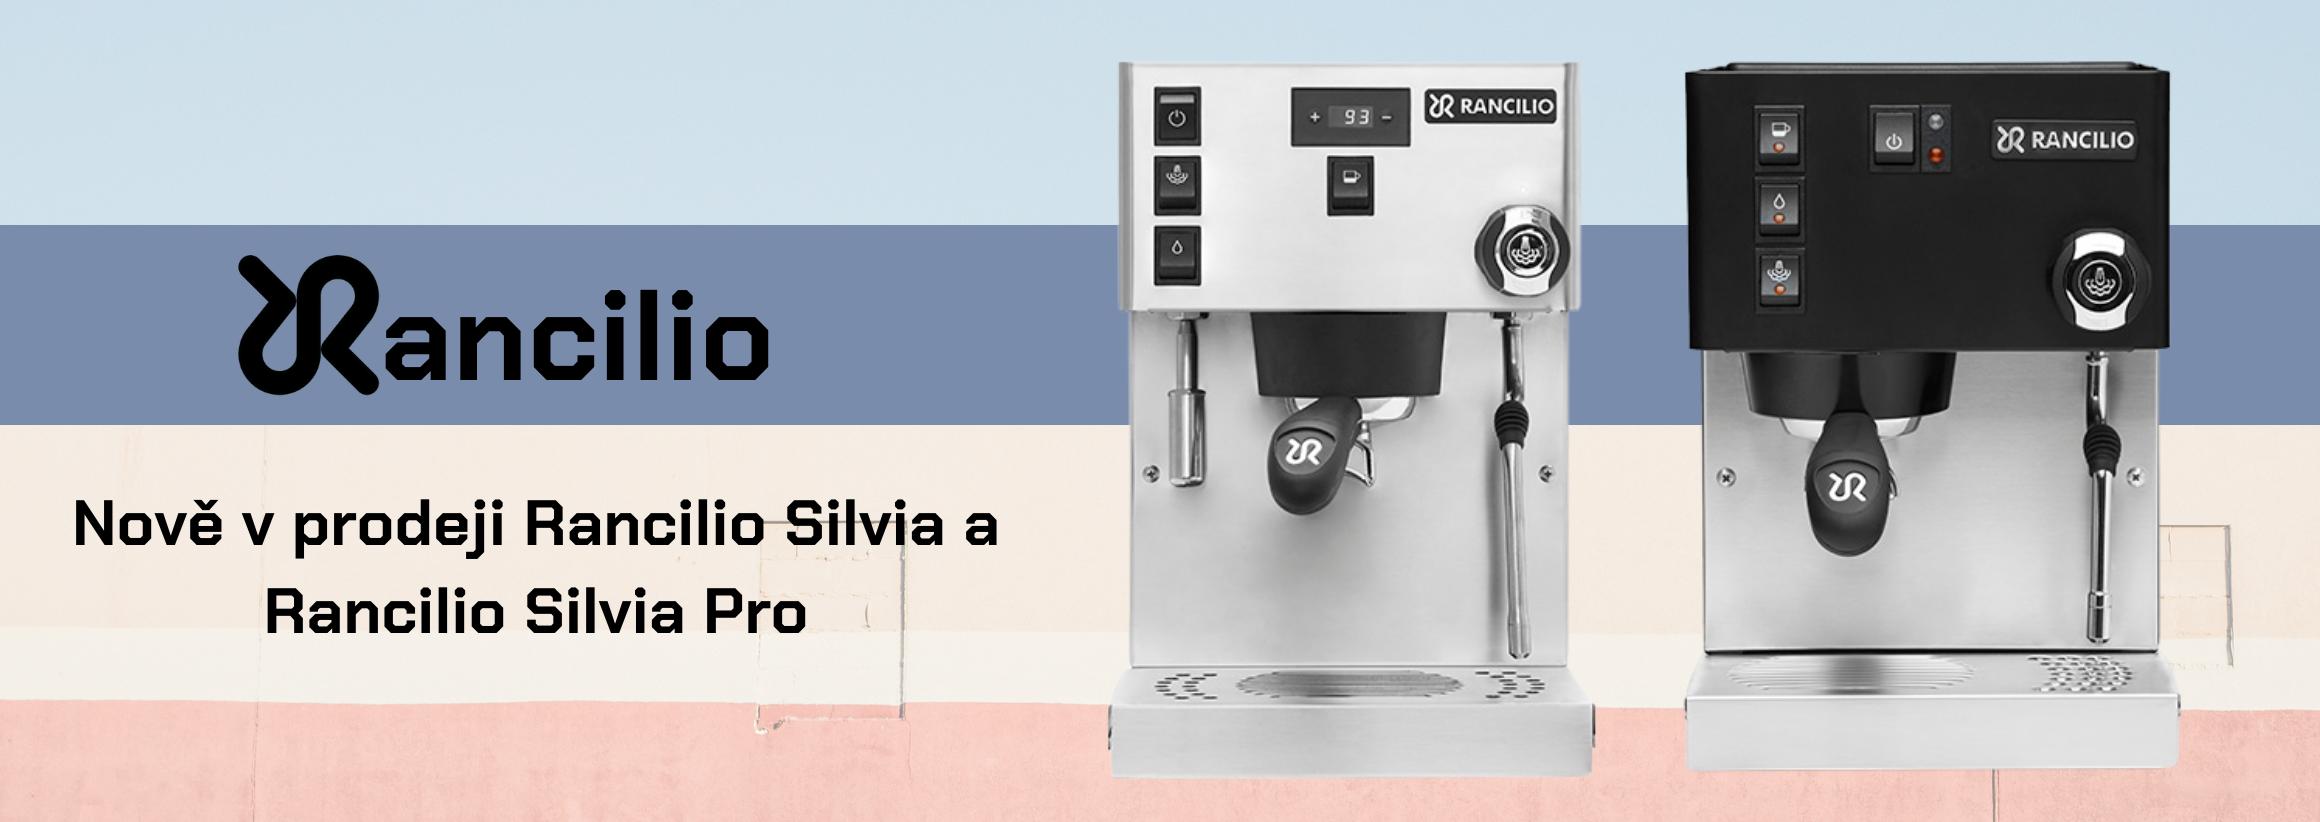 Nadupané kávovary Rancilio Silvia a Rancilio Silvia Pro nově v prodeji